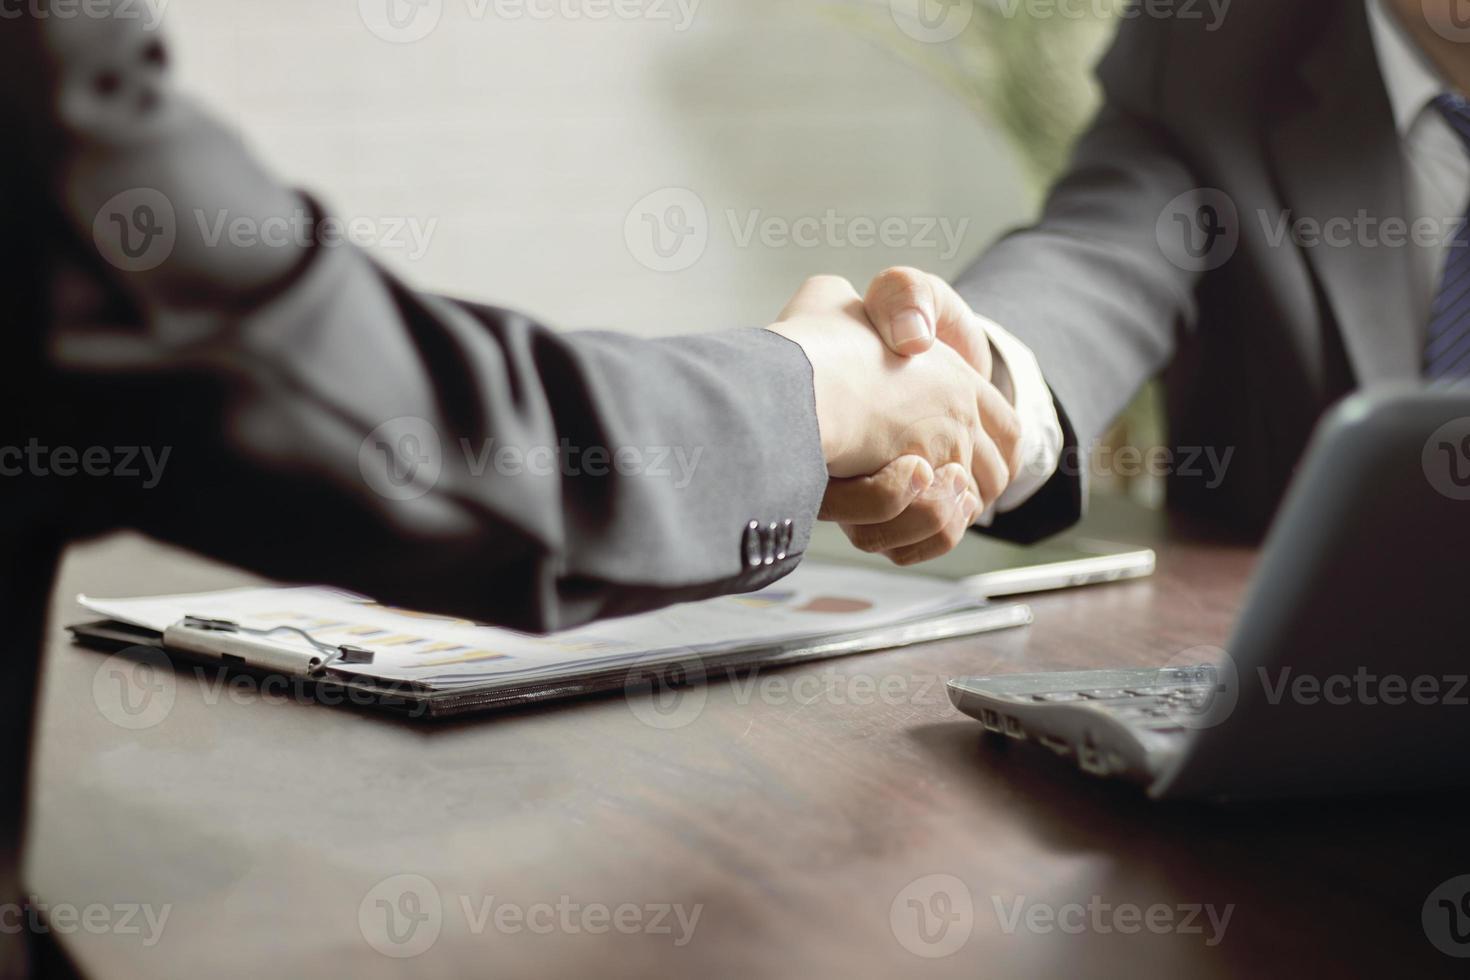 negociaciones y concepto de éxito empresarial foto